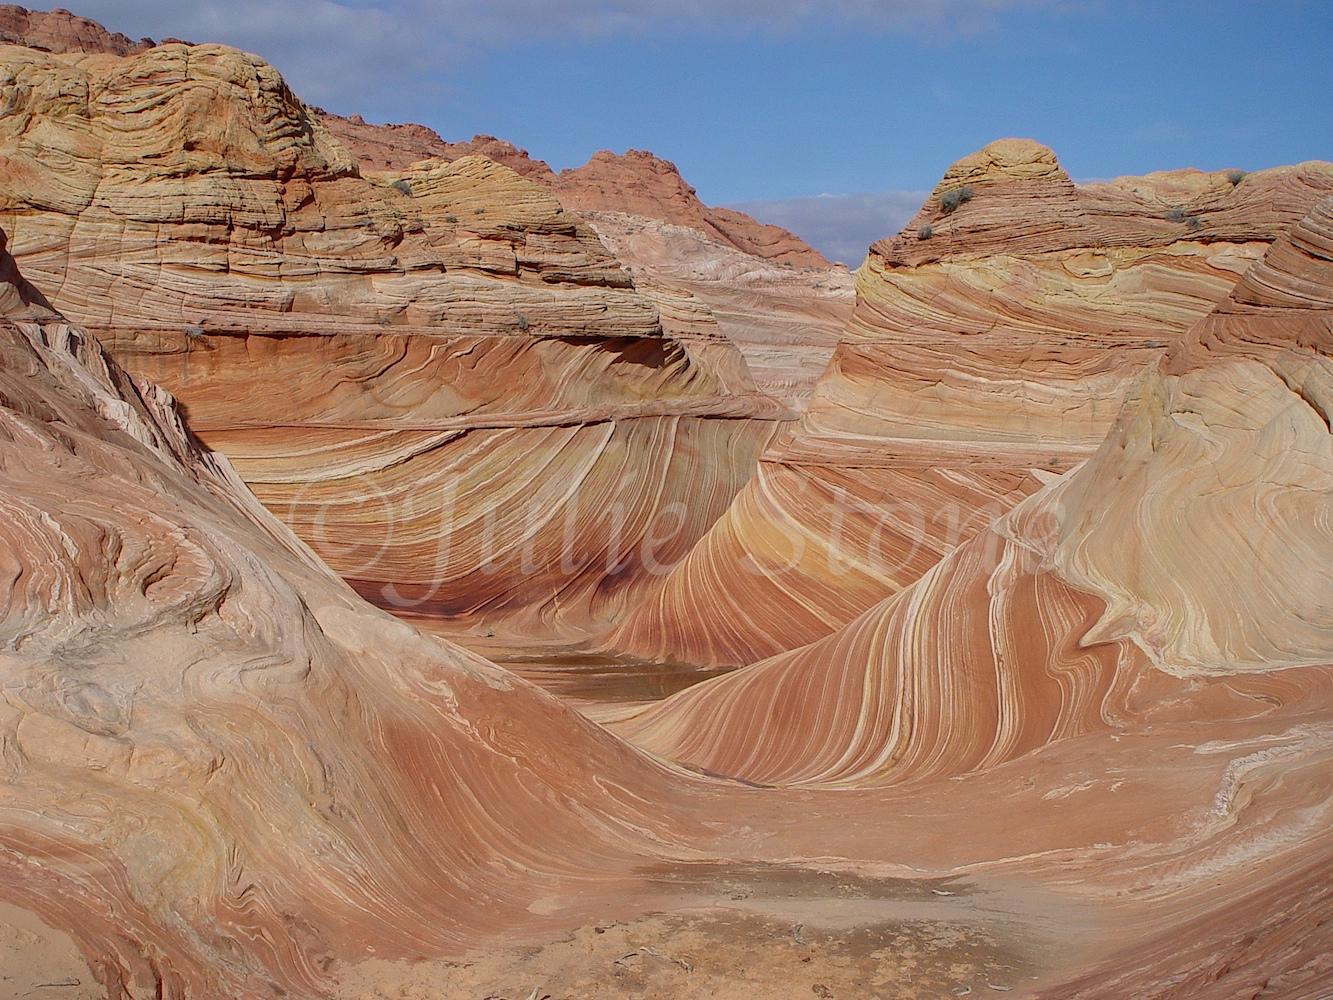 Paria Canyon-Vermilion Cliffs Wilderness/The Wave 2003